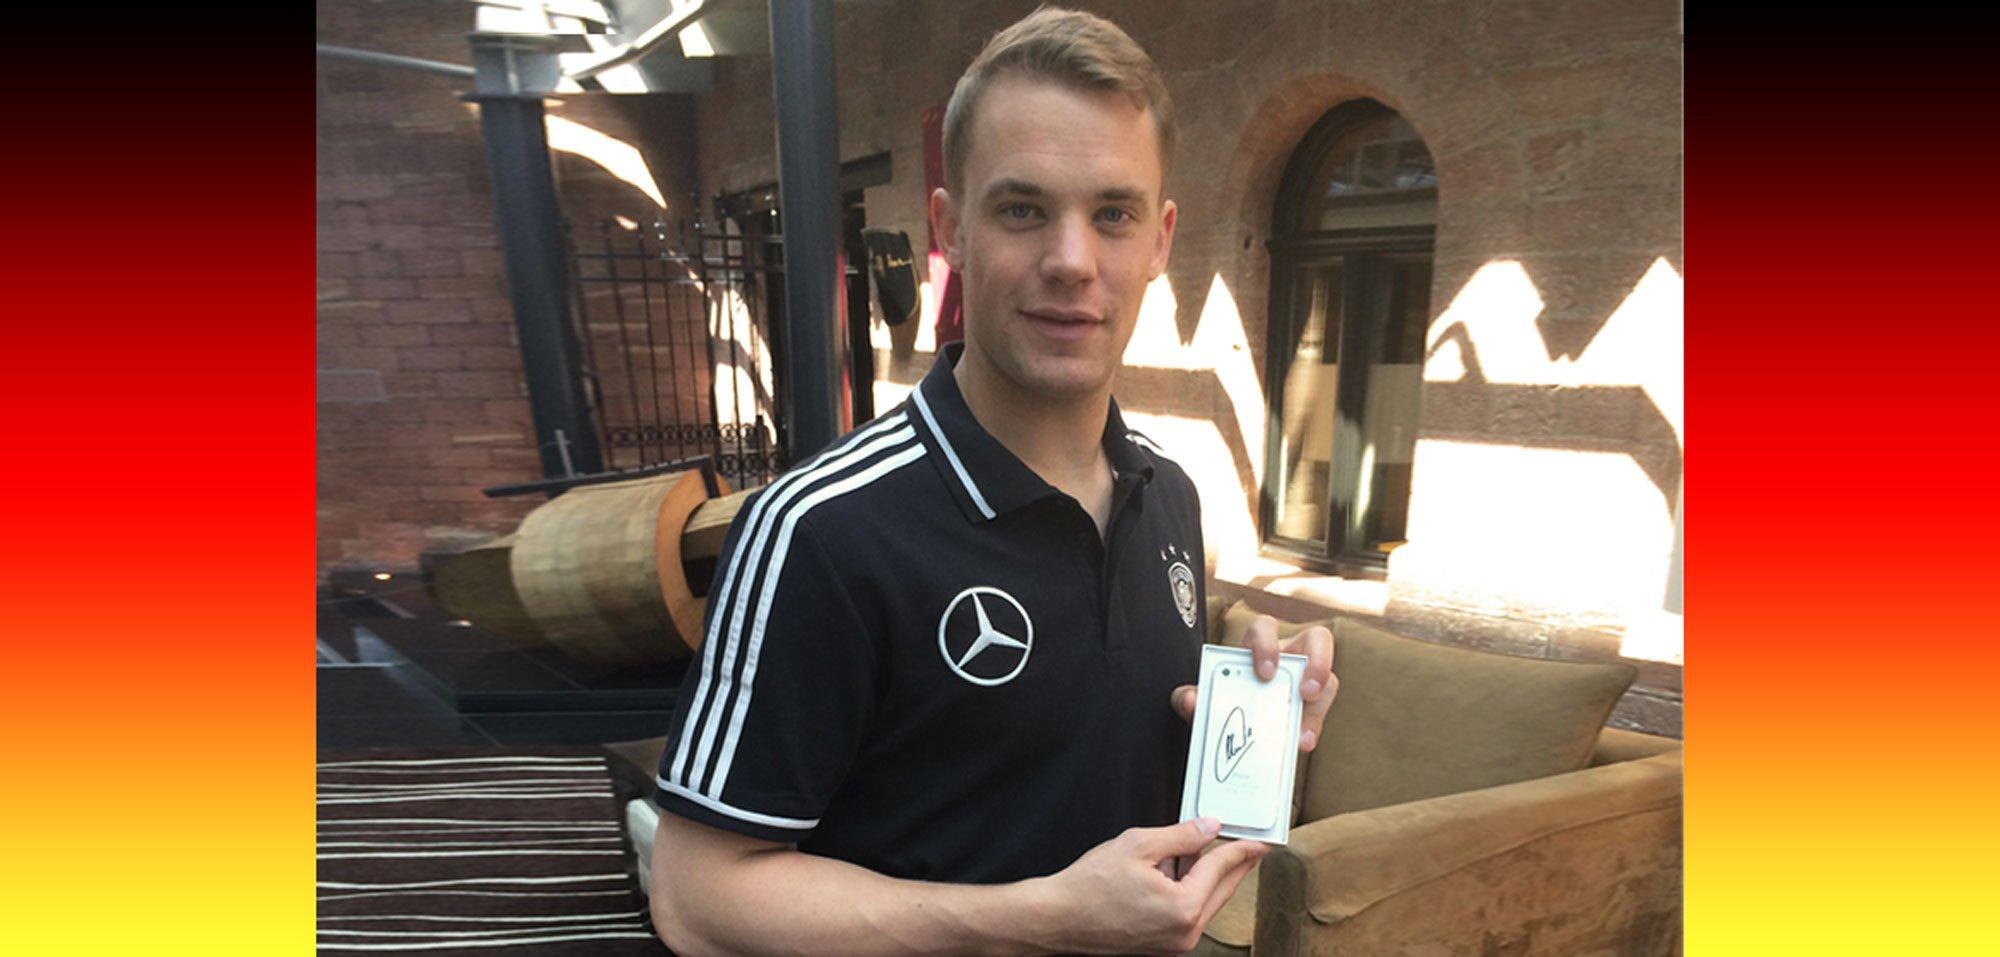 WM 2014: iPhone 5s Auktion mit Manuel Neuer Autogramm  1